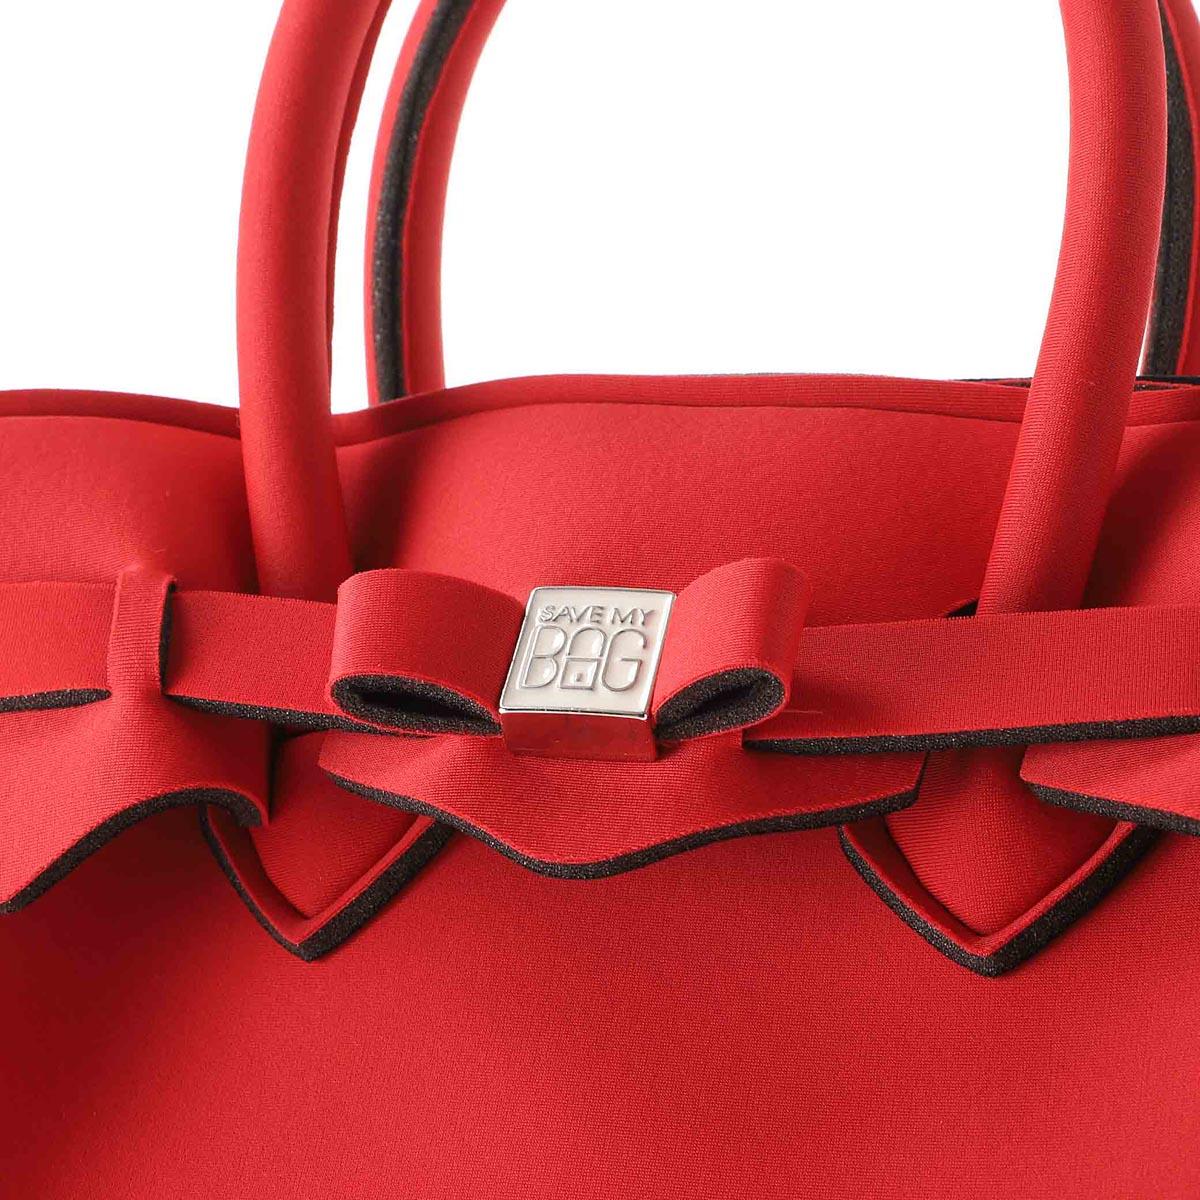 SAVE MY BAG セーブ マイ バッグ ハンドバッグ/PETITE MISS LYCRA ミス レディース